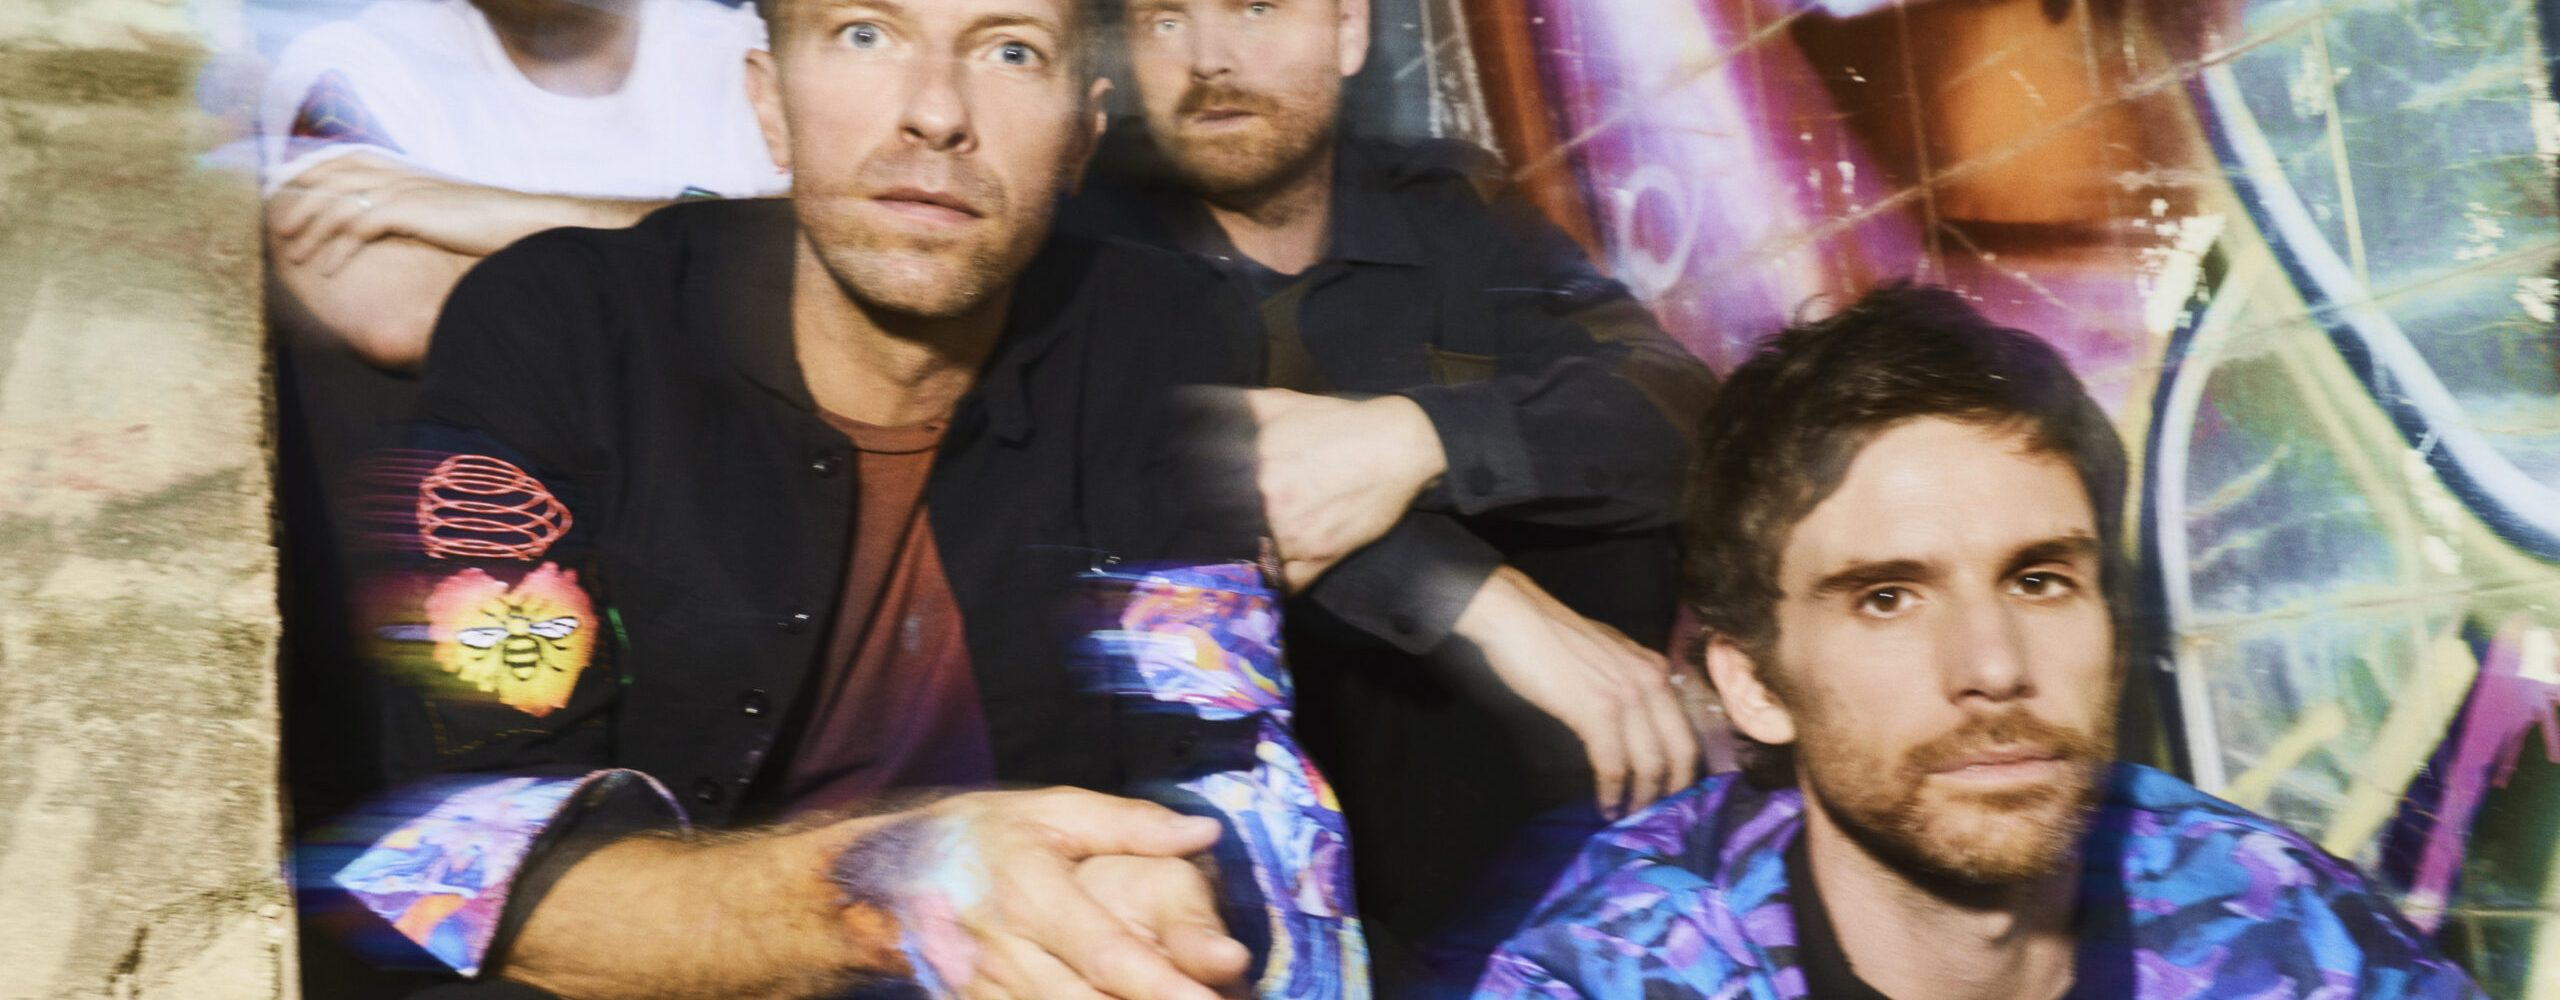 Coldplay er tilbake med nytt album og en intimkonsert fra London. Foto: James Marcus Haney